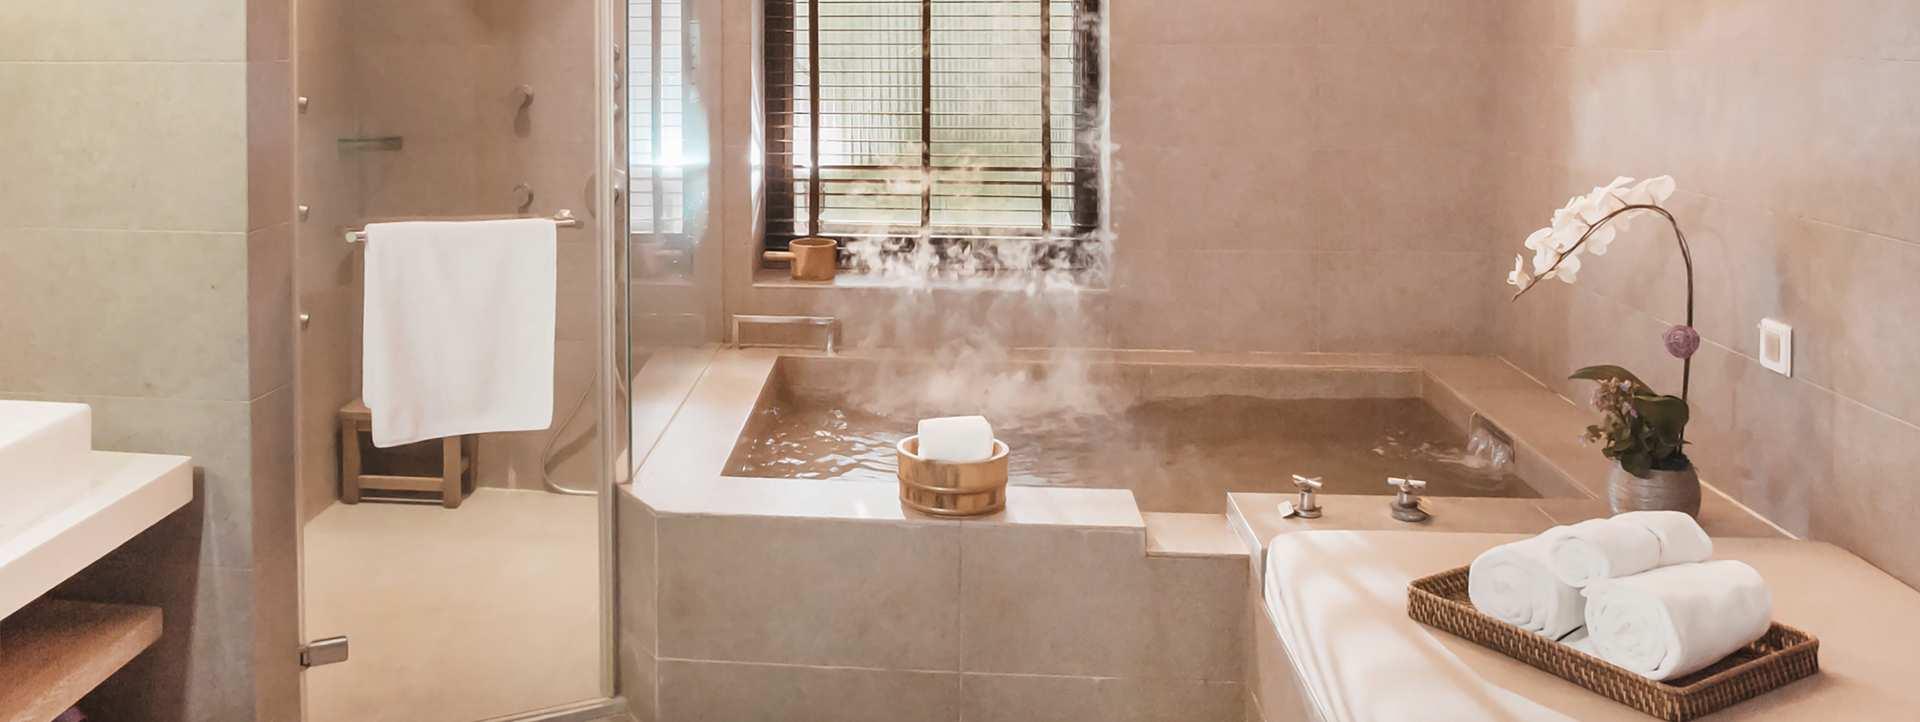 【台北・北投温泉】ザ・ガイア・ホテル台北 日帰り個室温泉入浴チケット